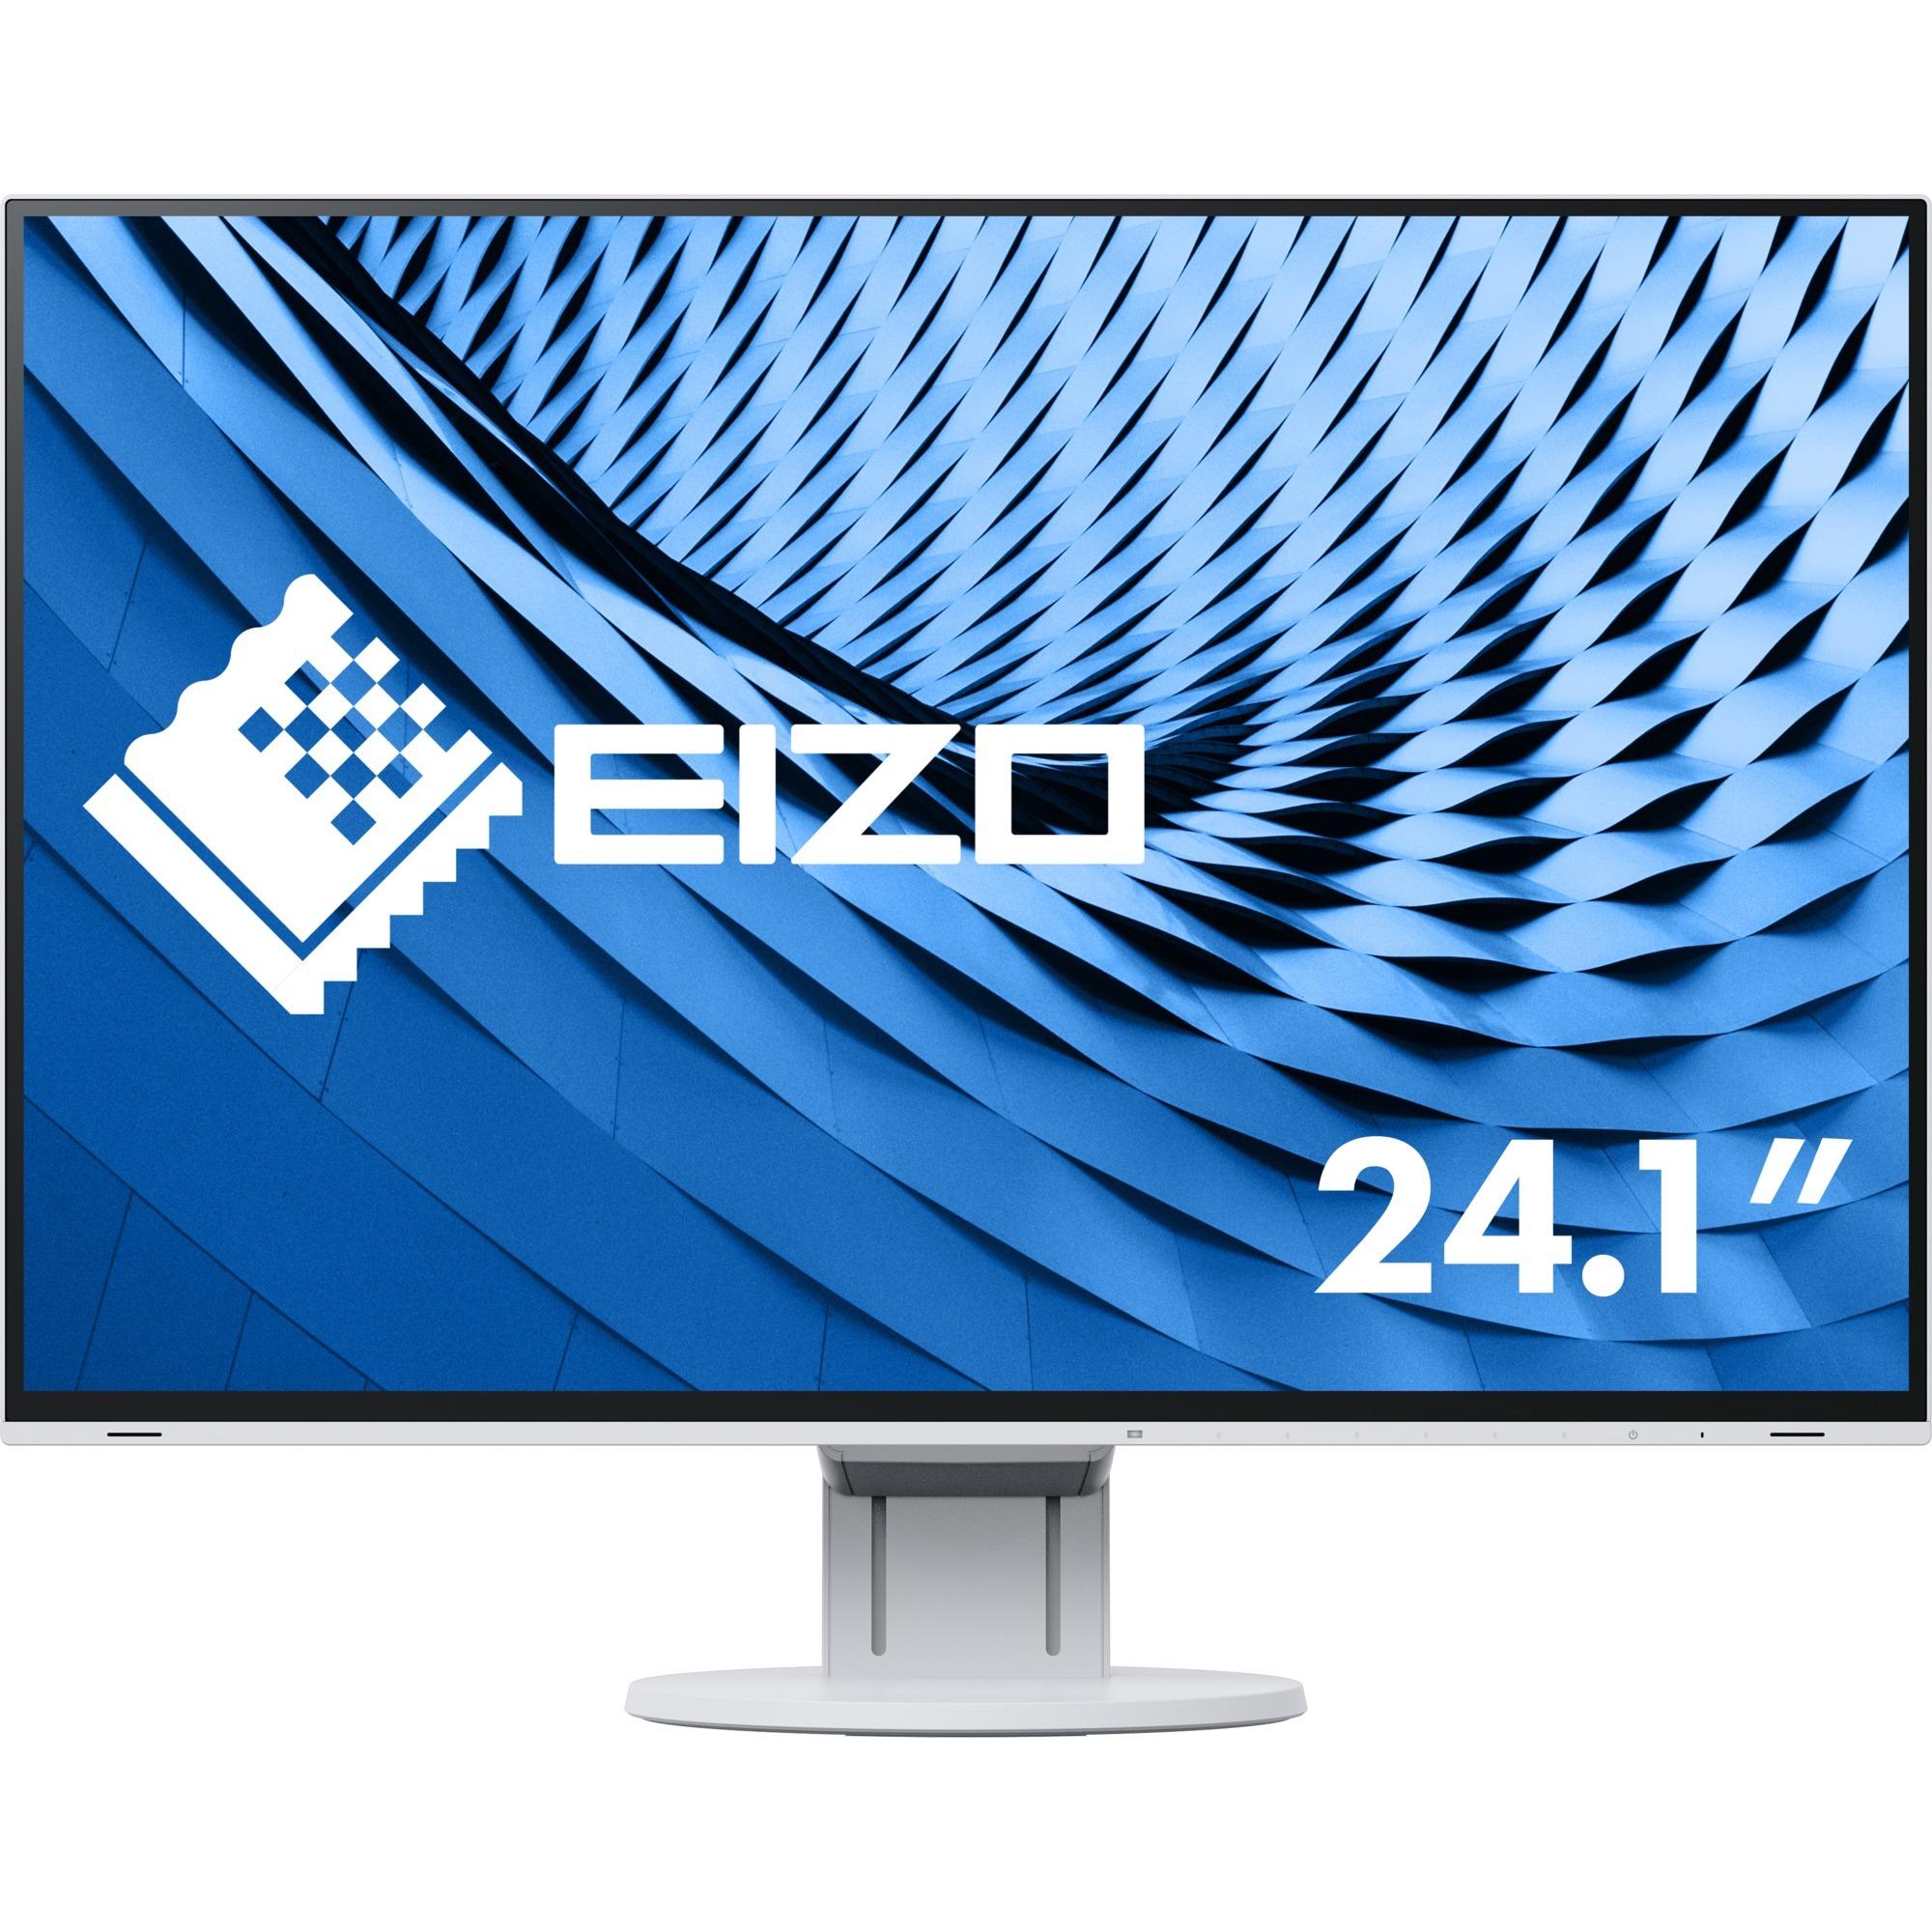 EV2457-WT, Monitor LED